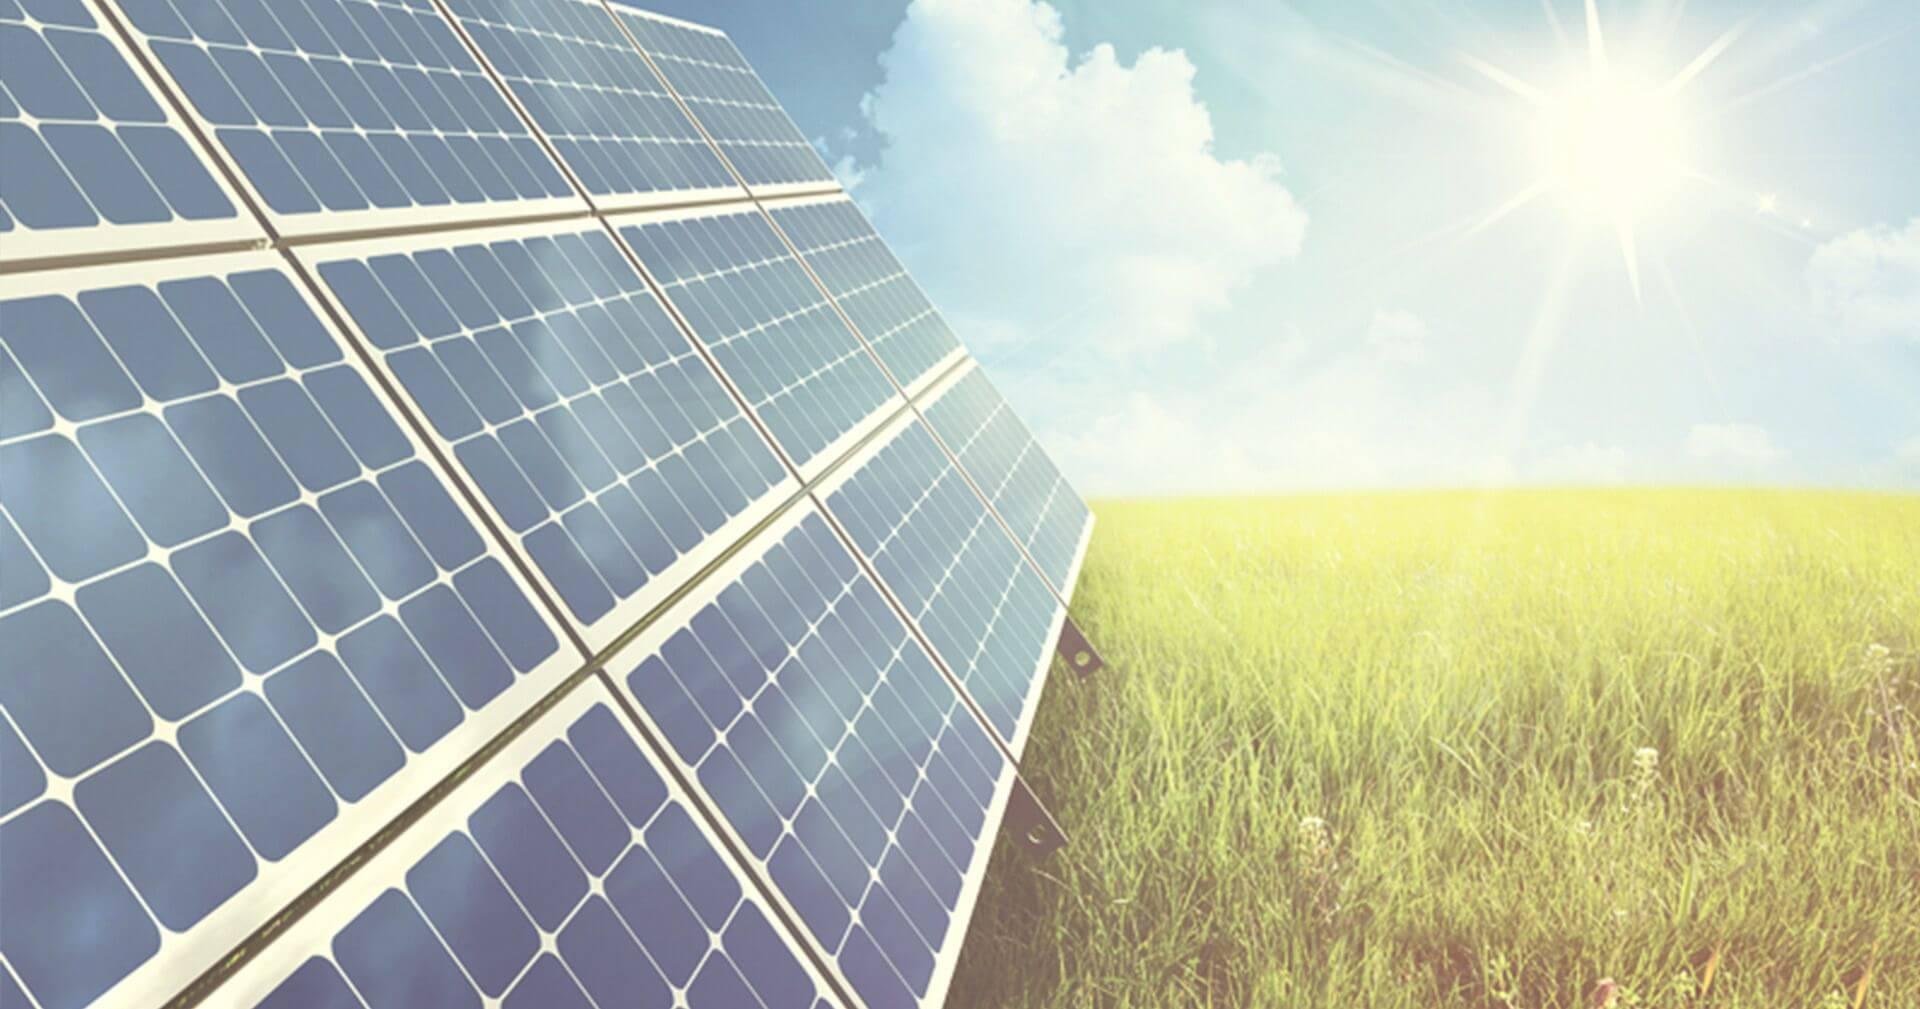 Se analisarmos o Mapa de Radiação Solar na Europa (kWh/m² ), verifica-se que Portugal apresenta-se como um país com maior disponibilidade de recurso solar.